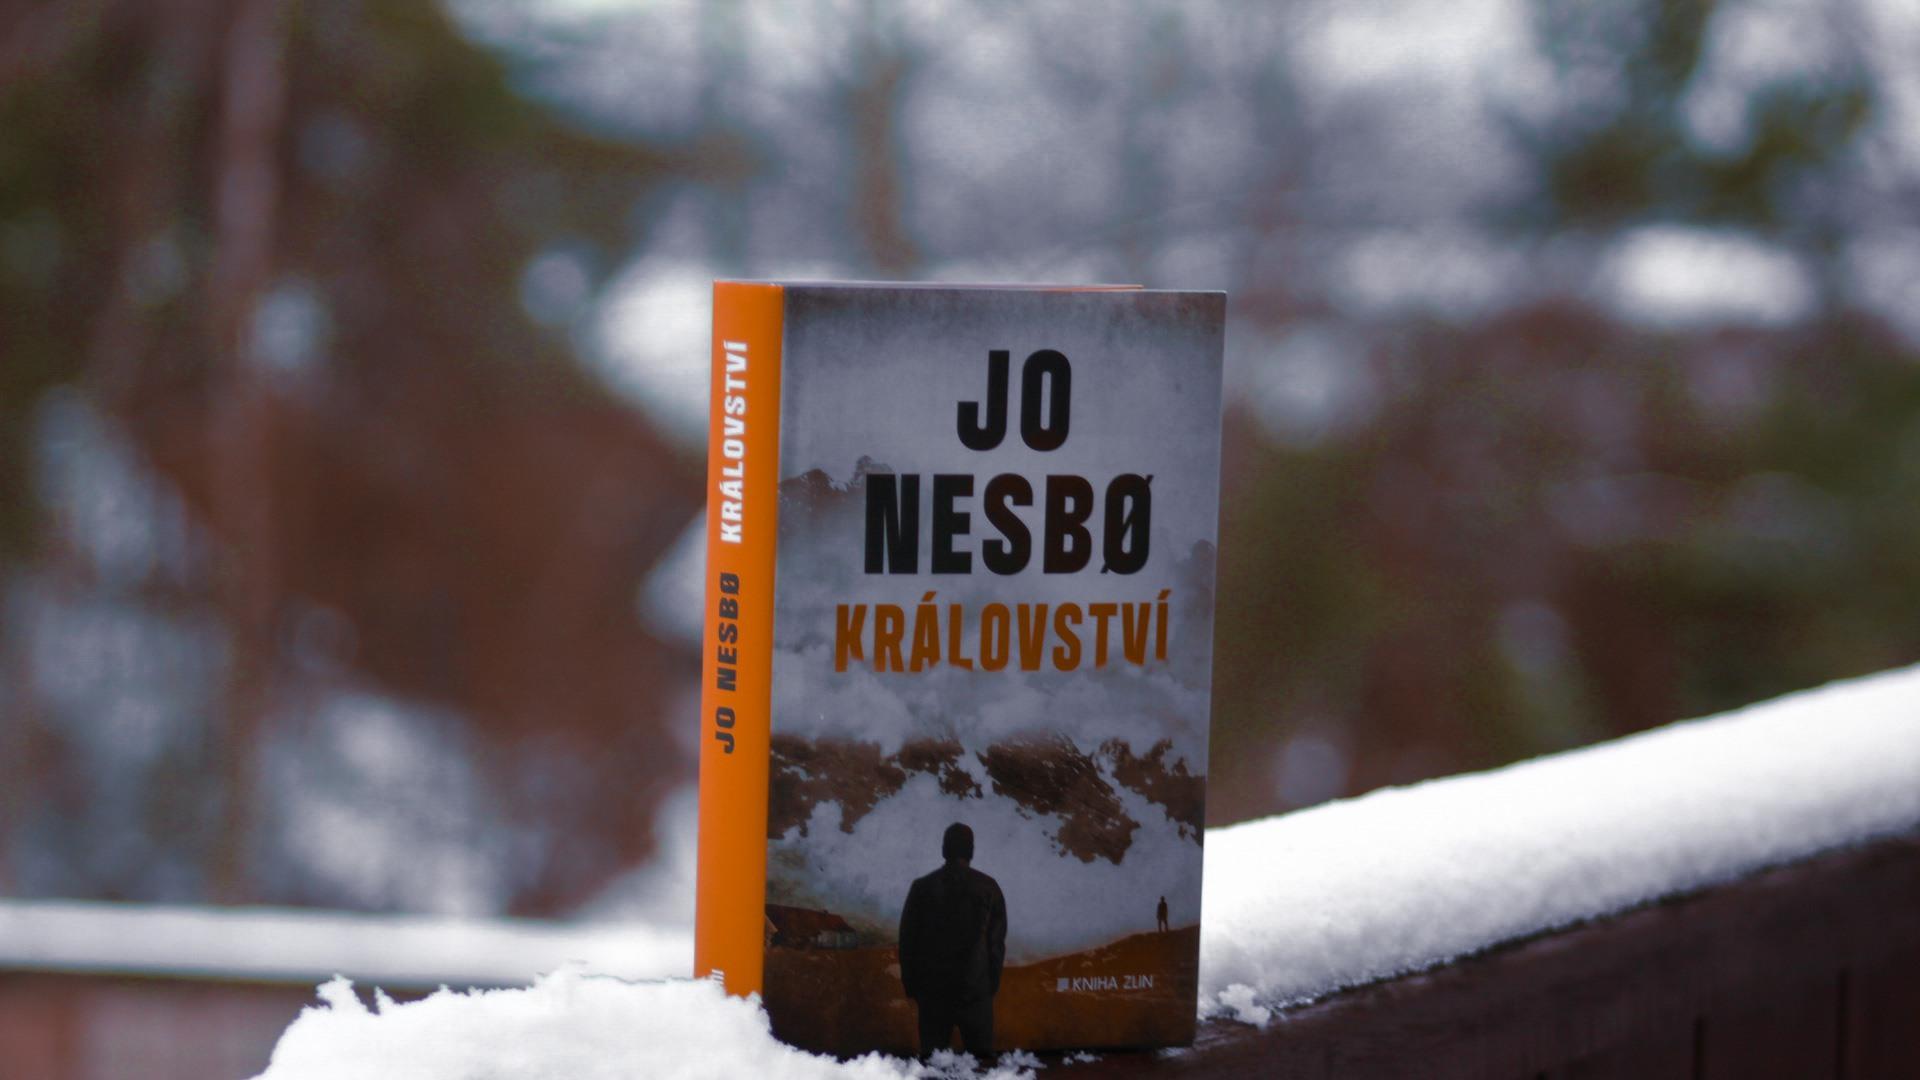 Bratrské pouto přetrhá několik osudů v nové knize Joa Nesbøho